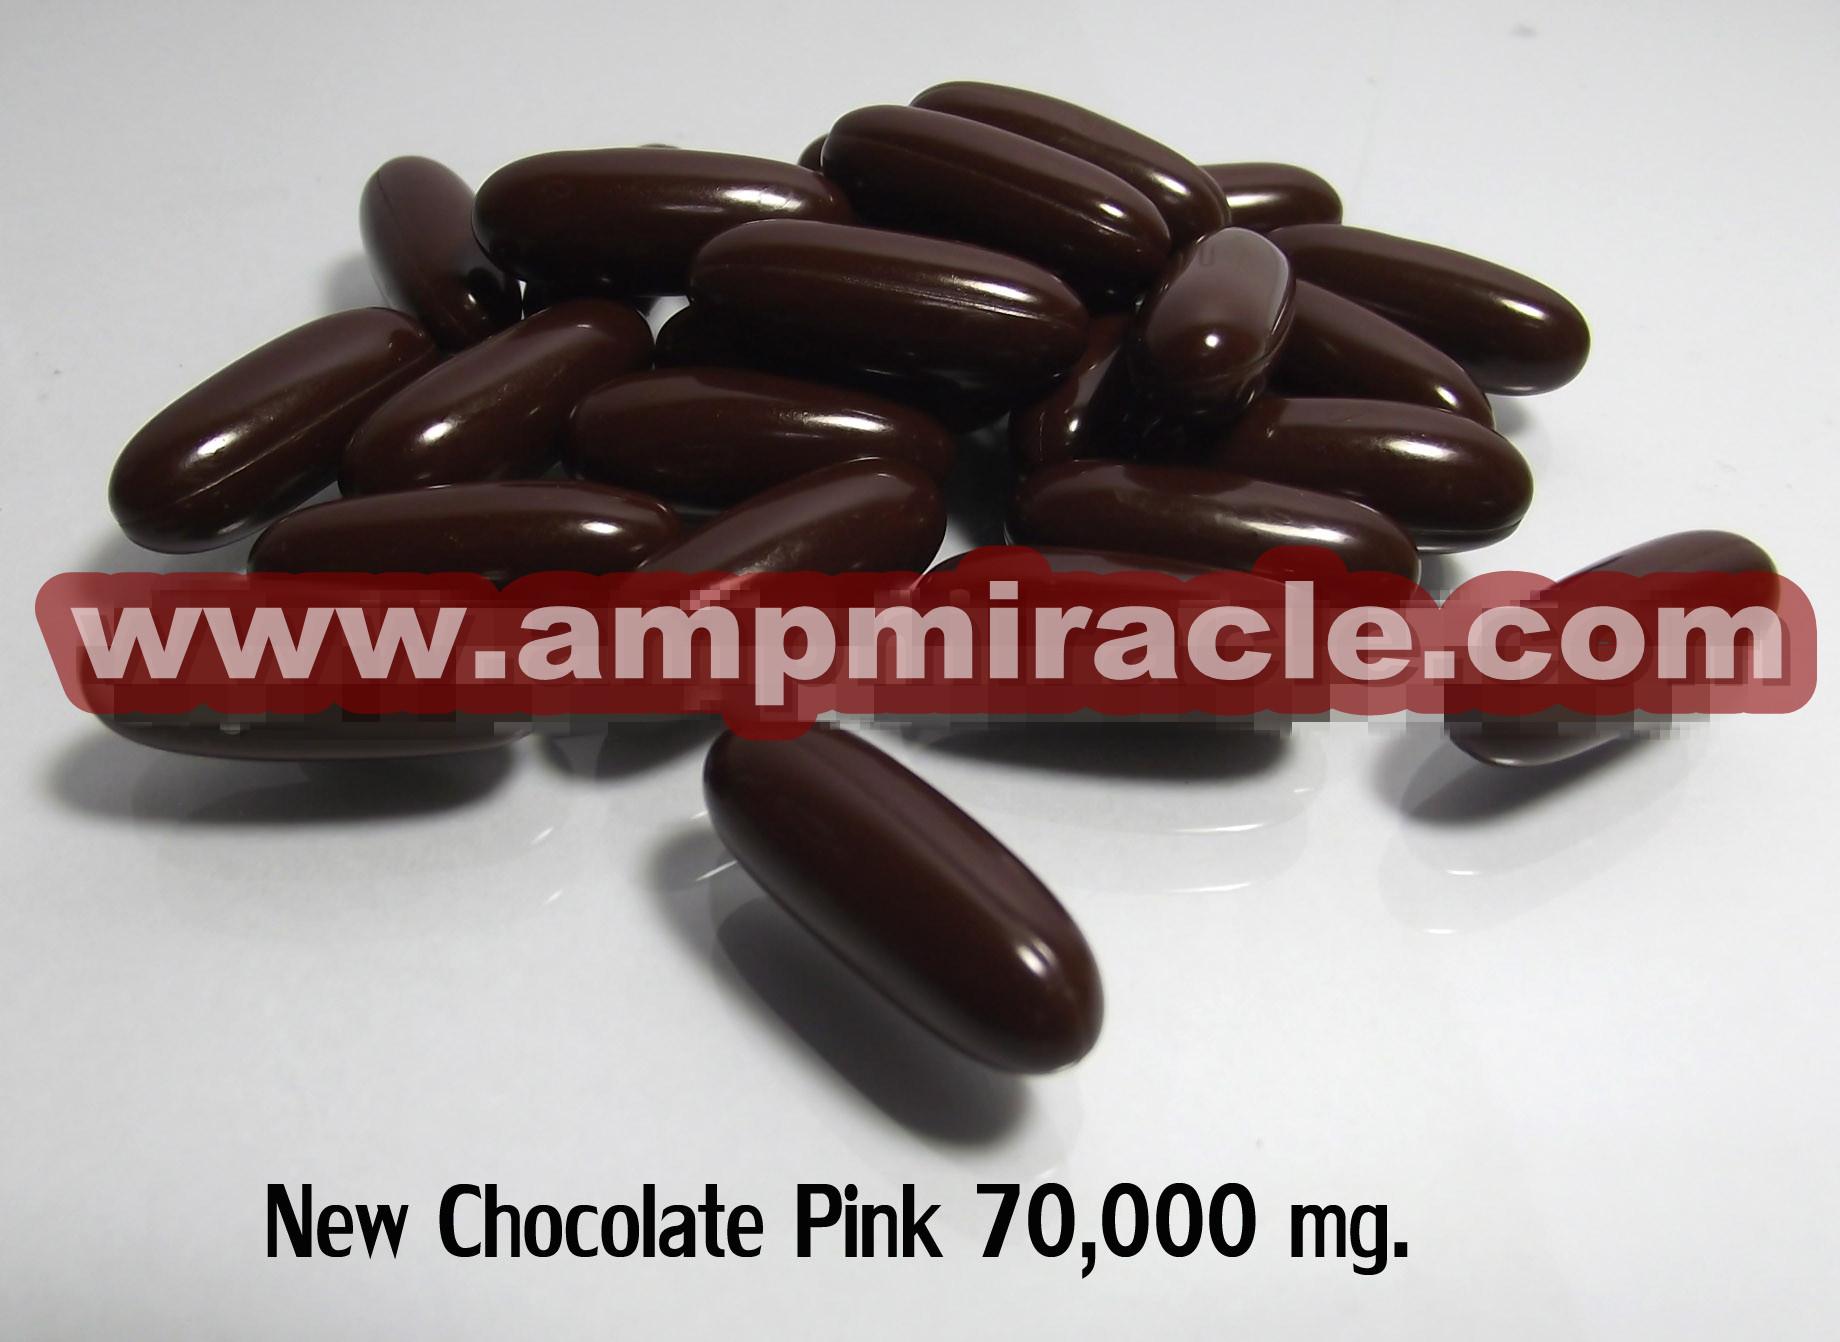 กลูต้า New ช็อคโกแลตพิ้งค์ ช่วยกระตุ้นผลัดเซลล์ผิว พร้อมเผยผิวกระจ่างใส ลดรอยหมองคล้ำ